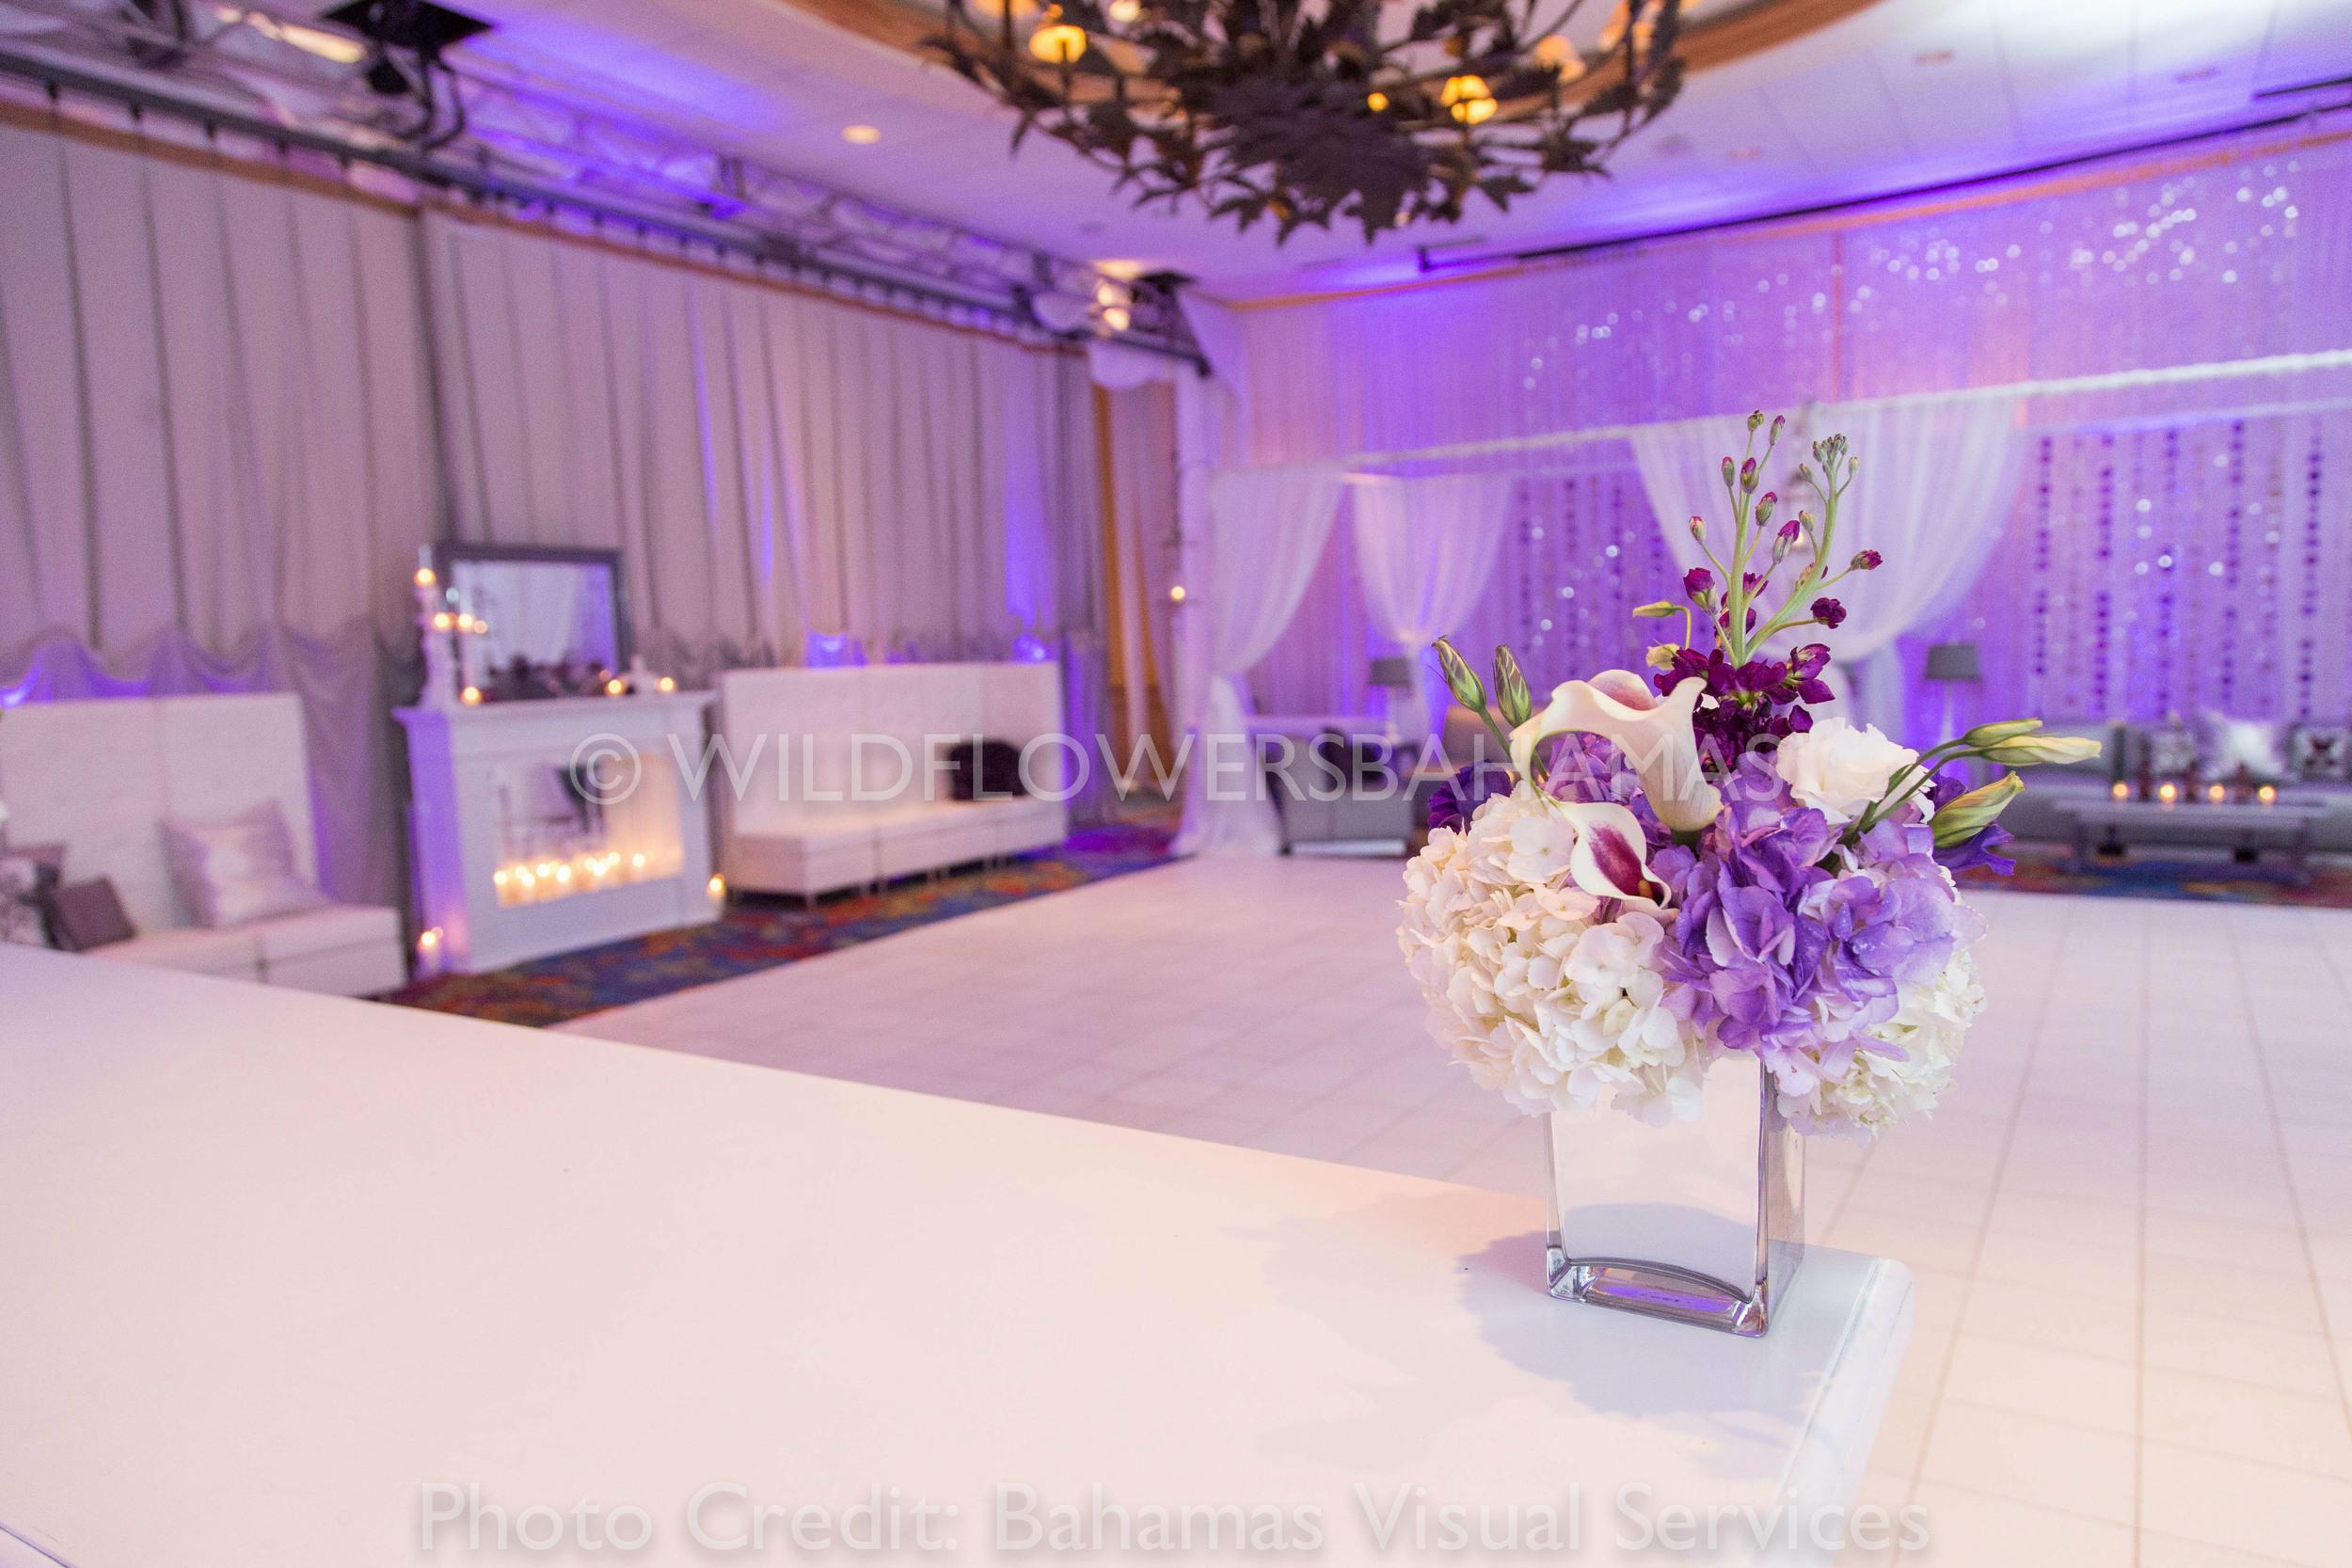 Wildflowers-Bahamas-Weddings-Events-001-78.jpg